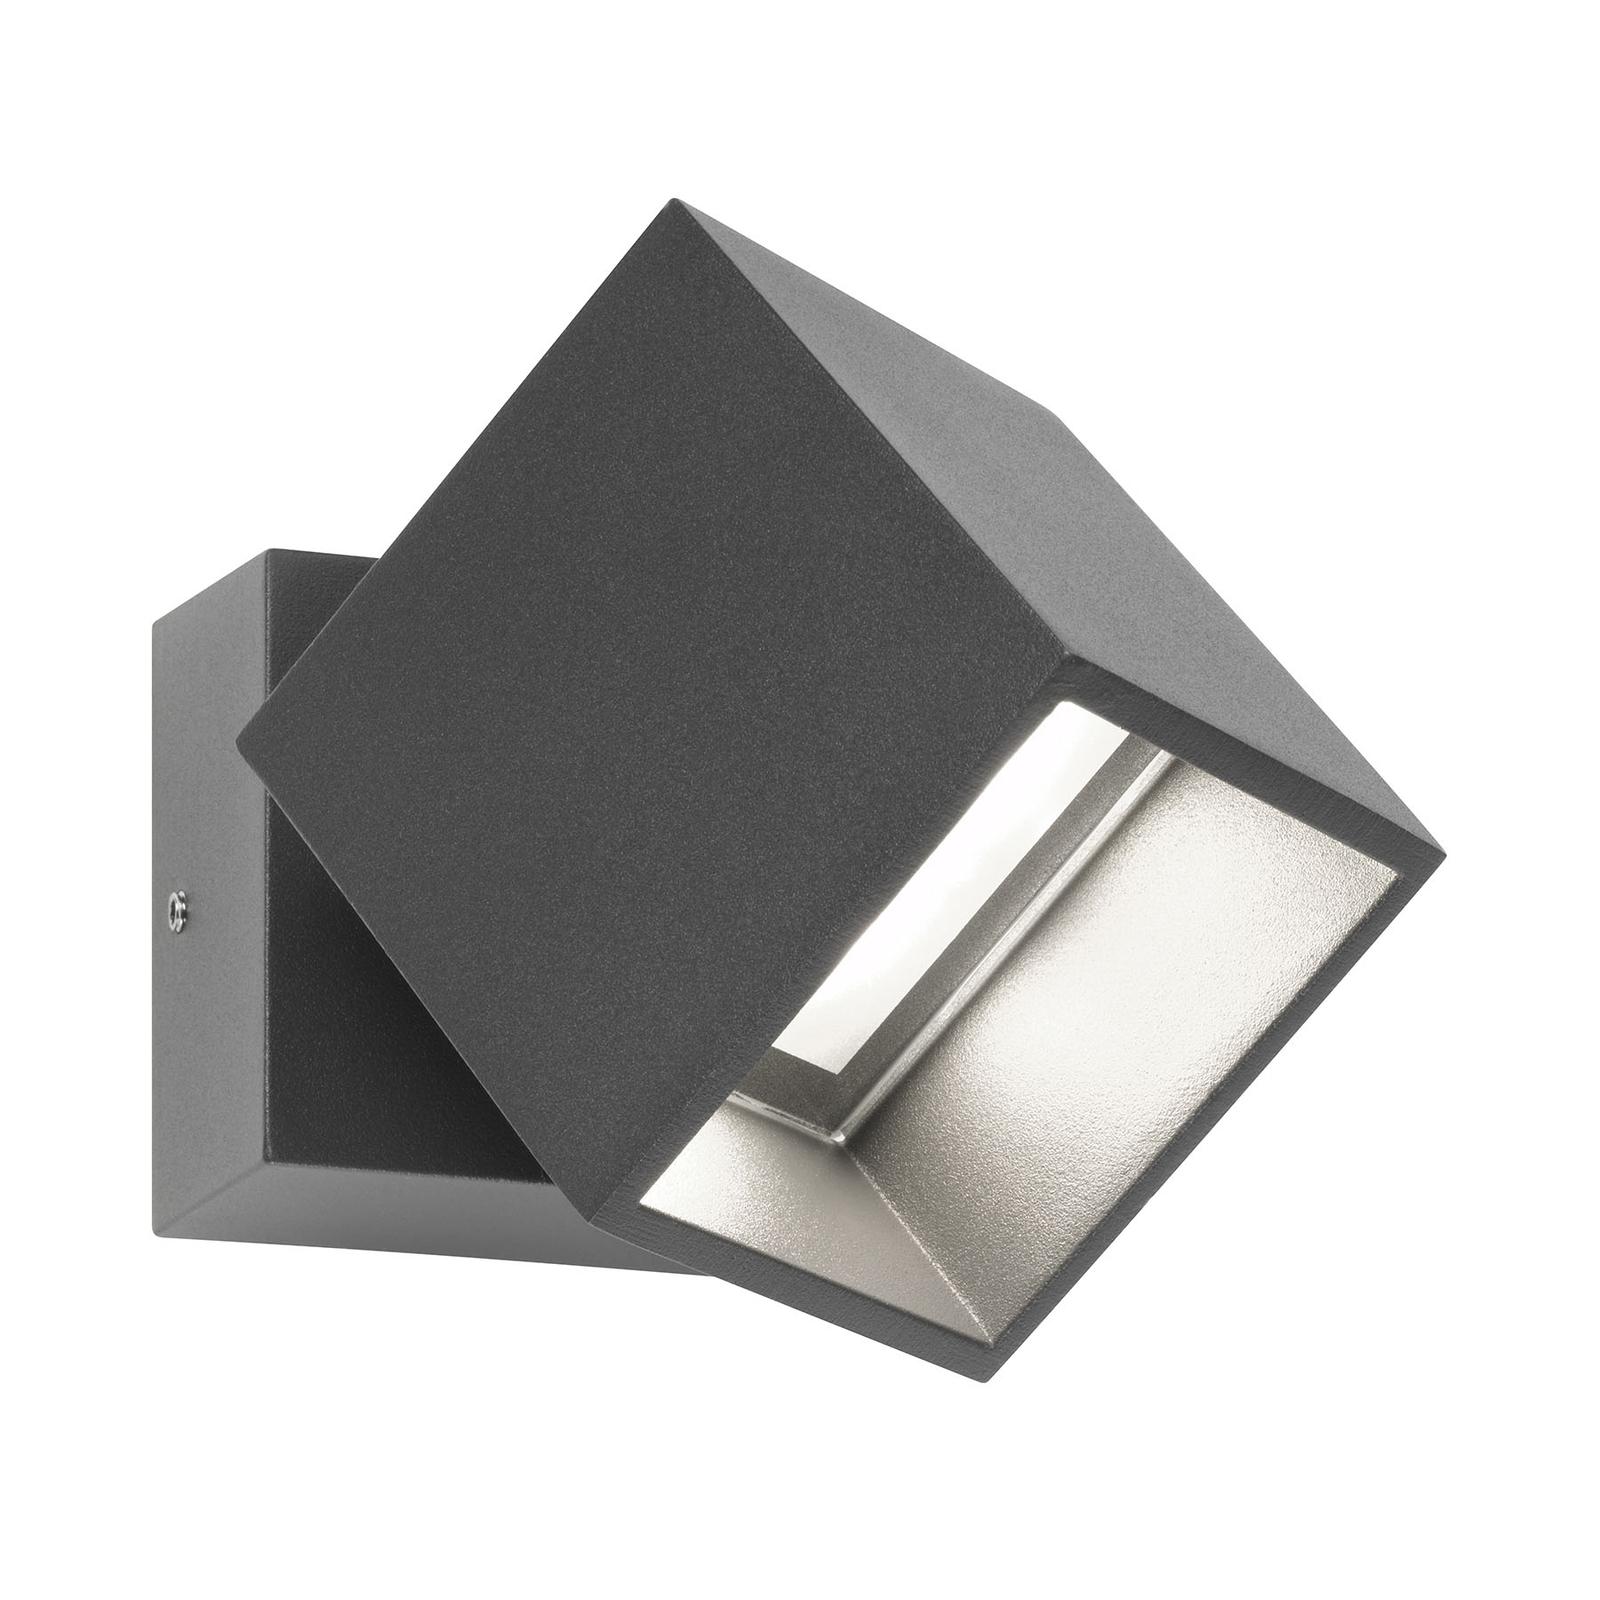 LED-ulkokohdevalo 5002, säädettävä, grafiitti